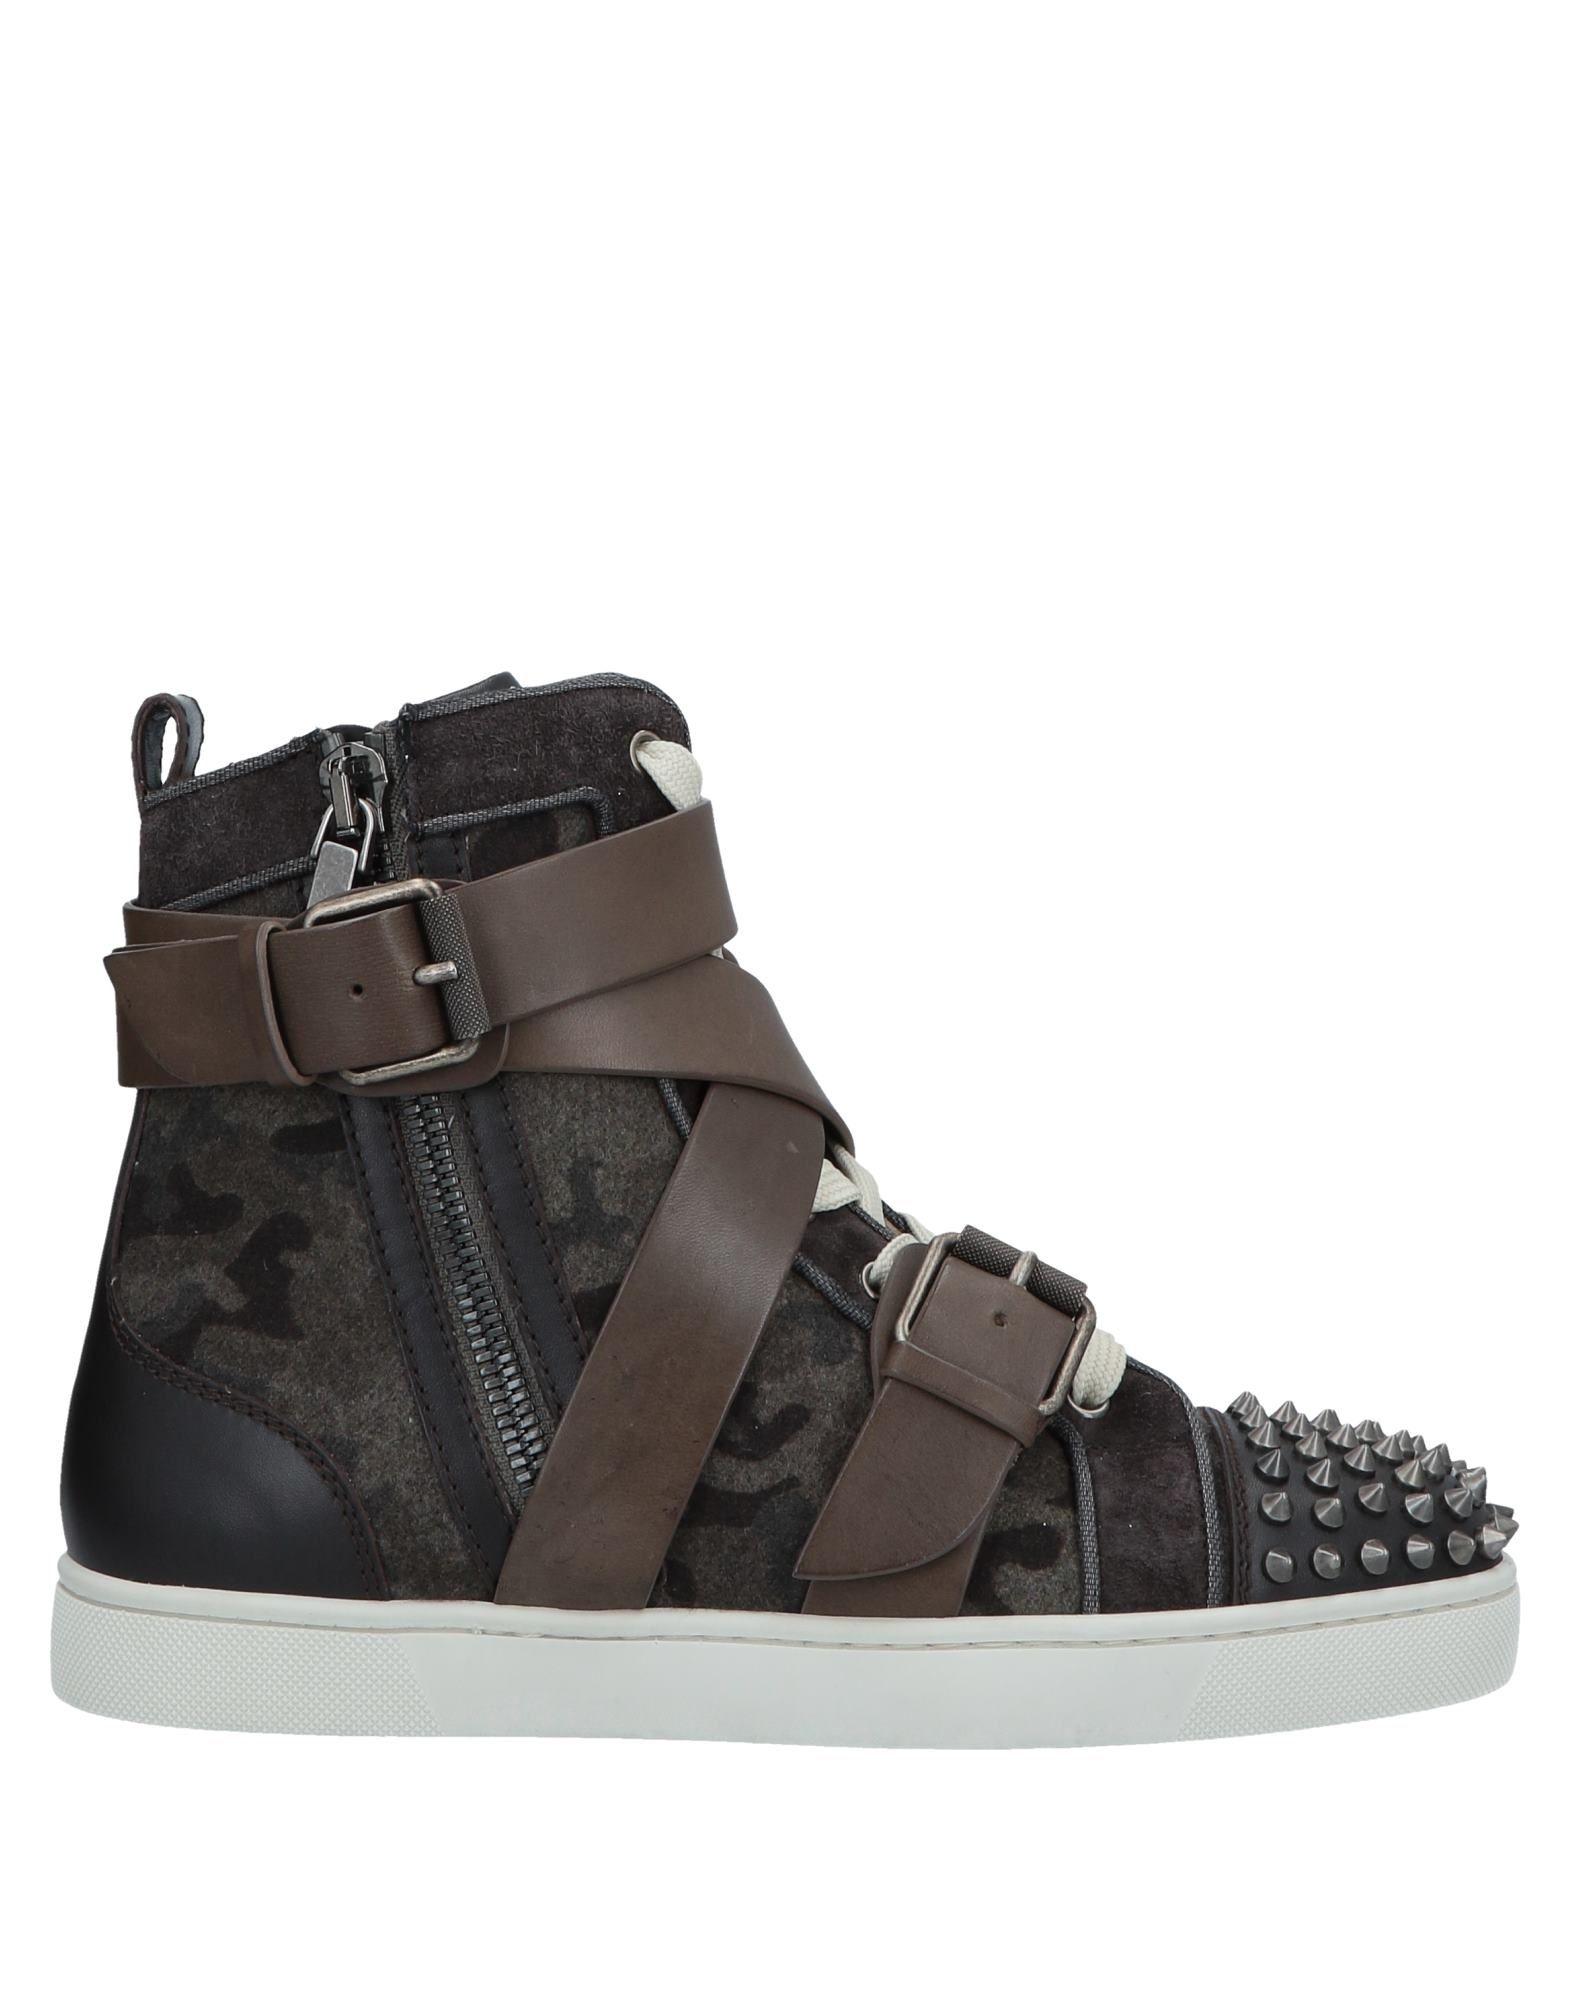 a41c9c72557 Christian Louboutin Shoes - Christian Louboutin Women - YOOX Netherlands